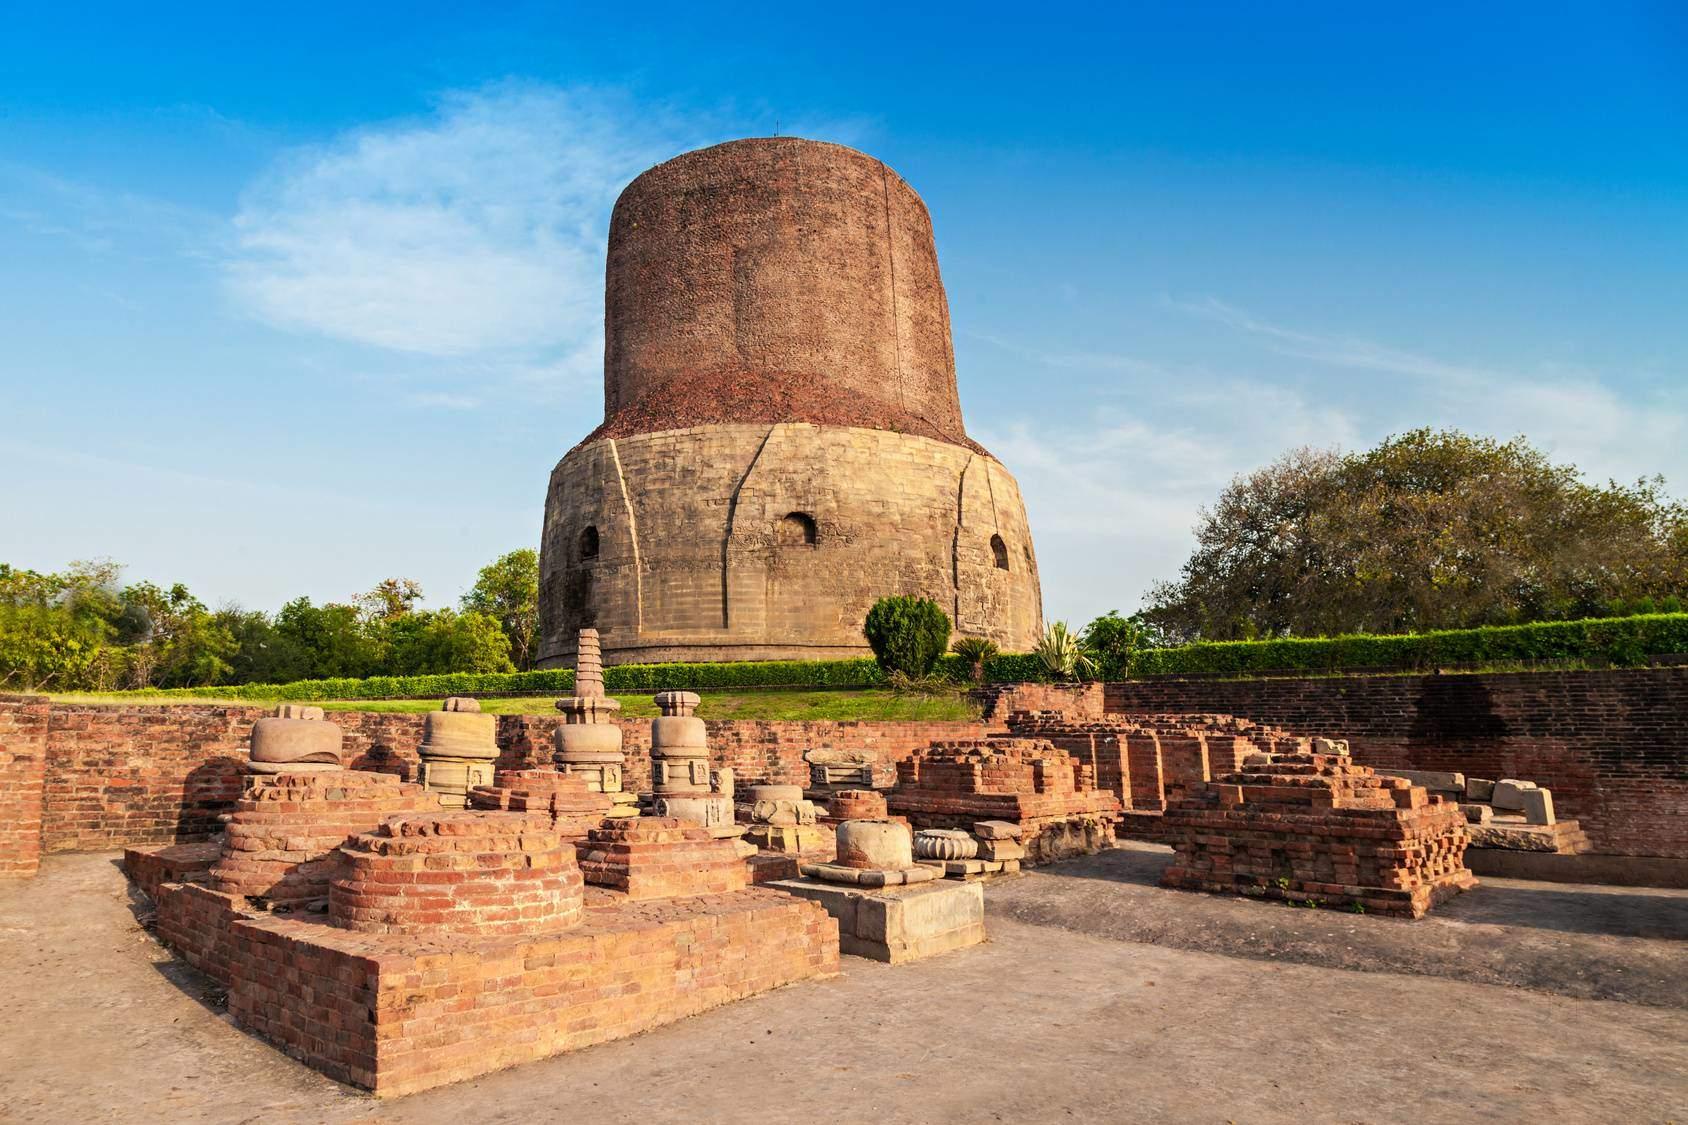 Kết quả hình ảnh cho Sarnath